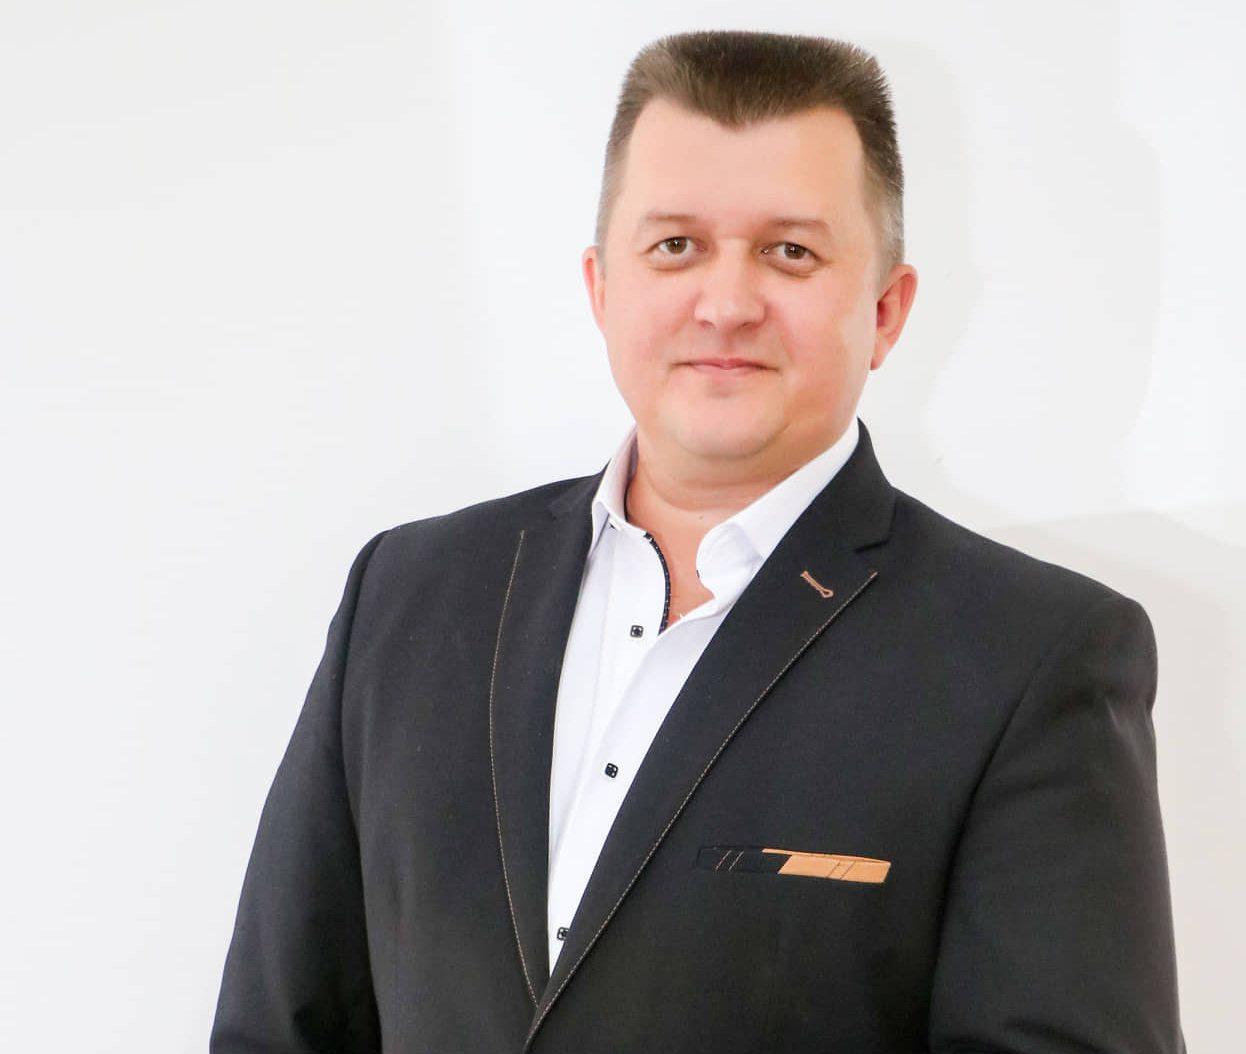 Змінити на краще життя в Іванівці хоче кандидат в депутати від УДАРу